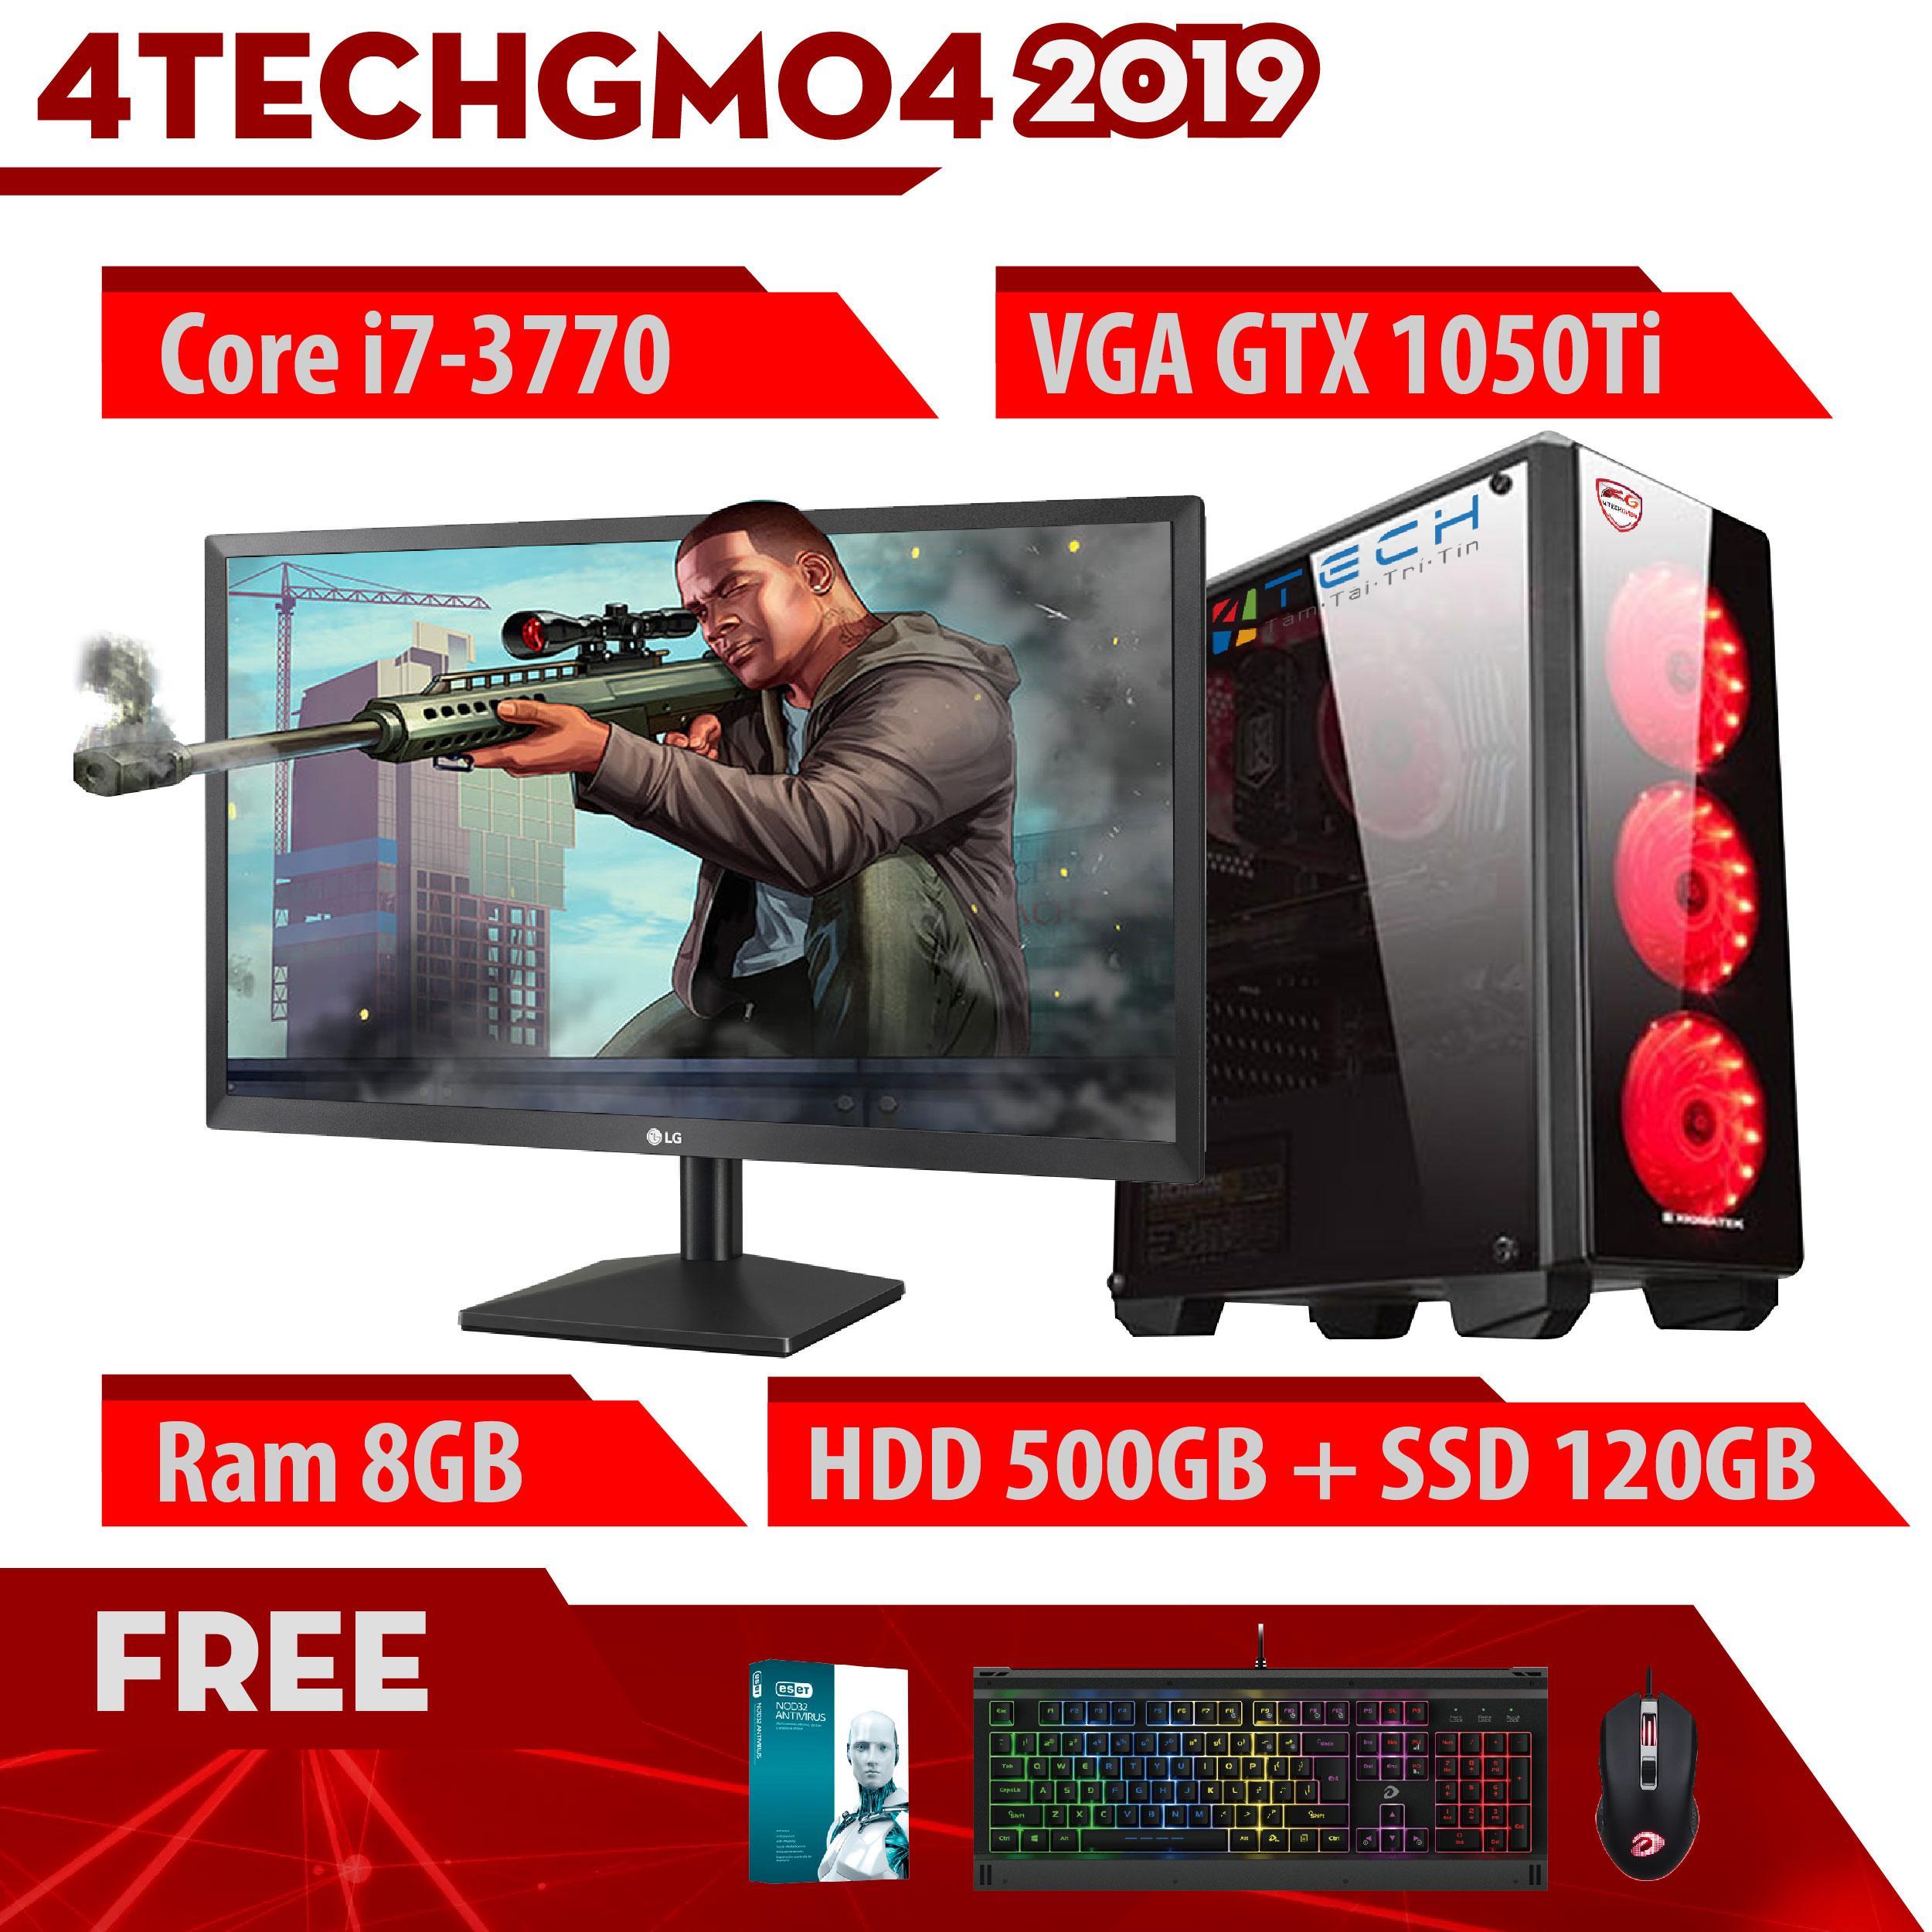 Máy Tính Chơi Game 4TechGM04 - 2019 Core i7-3770, Ram 8GB, HDD 500GB + SSD 120GB, VGA GTX 1050Ti, Màn hình 22 inch - Tặng Bộ Phím Chuột Gaming DareU.